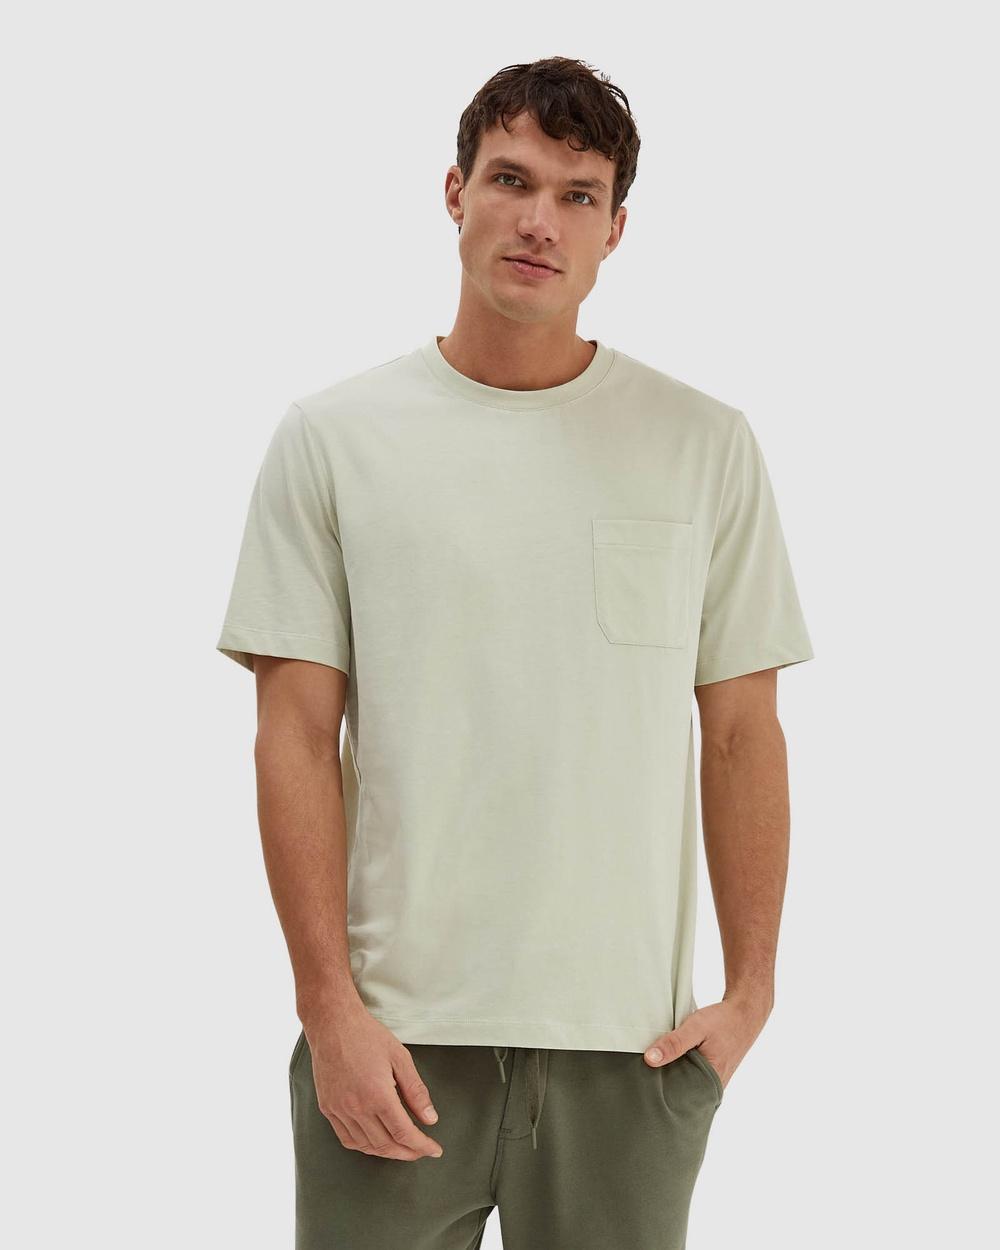 SABA - SB Walker Short Sleeve Super Soft Tee - T-Shirts & Singlets (Honey Dew) SB Walker Short Sleeve Super Soft Tee